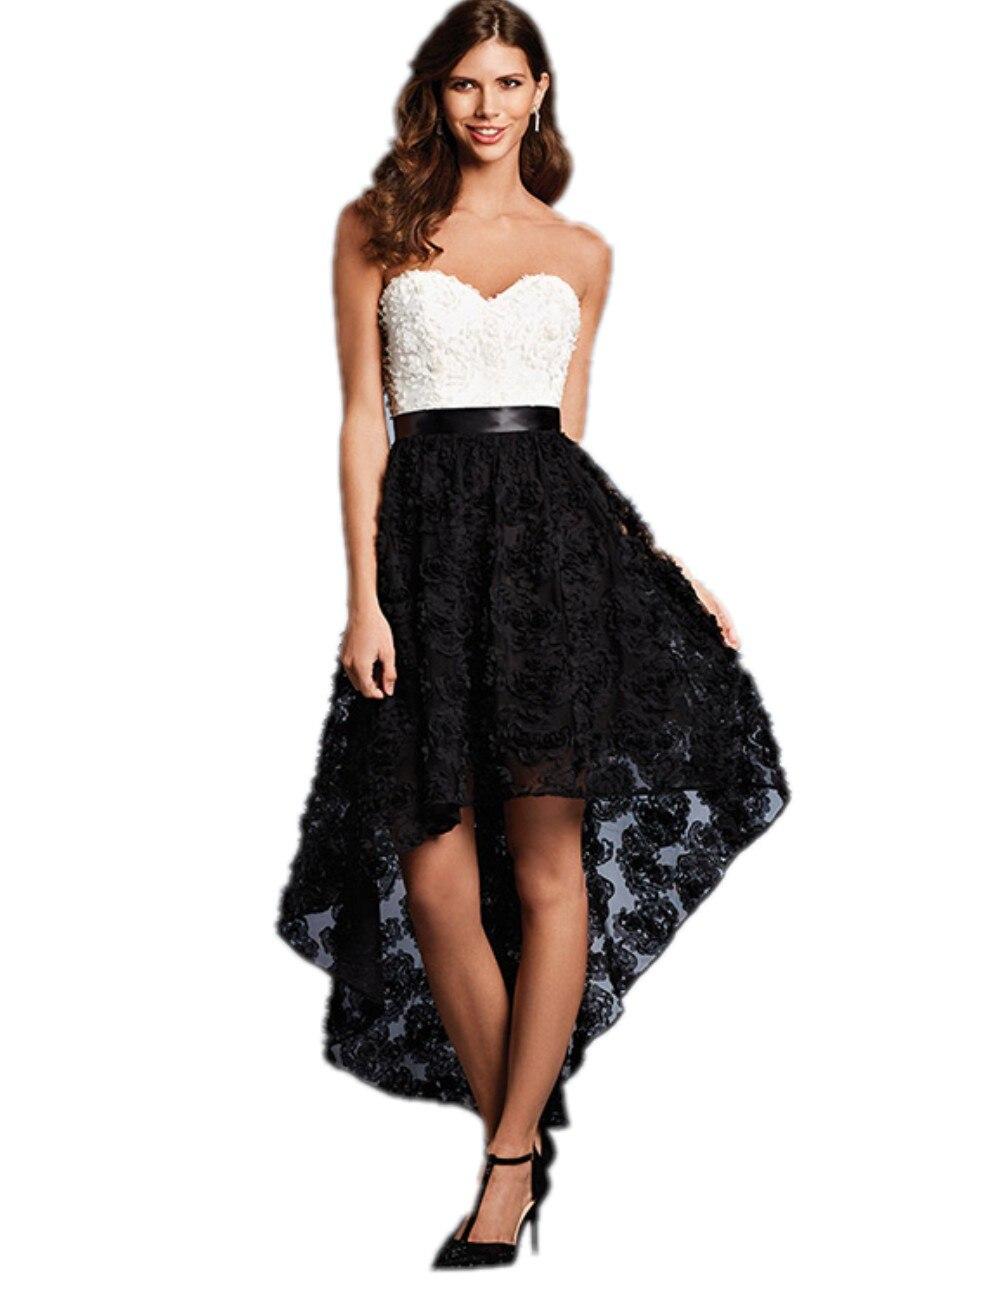 b2e33f3e9 Imagenes vestidos blanco y negro – Vestidos baratos